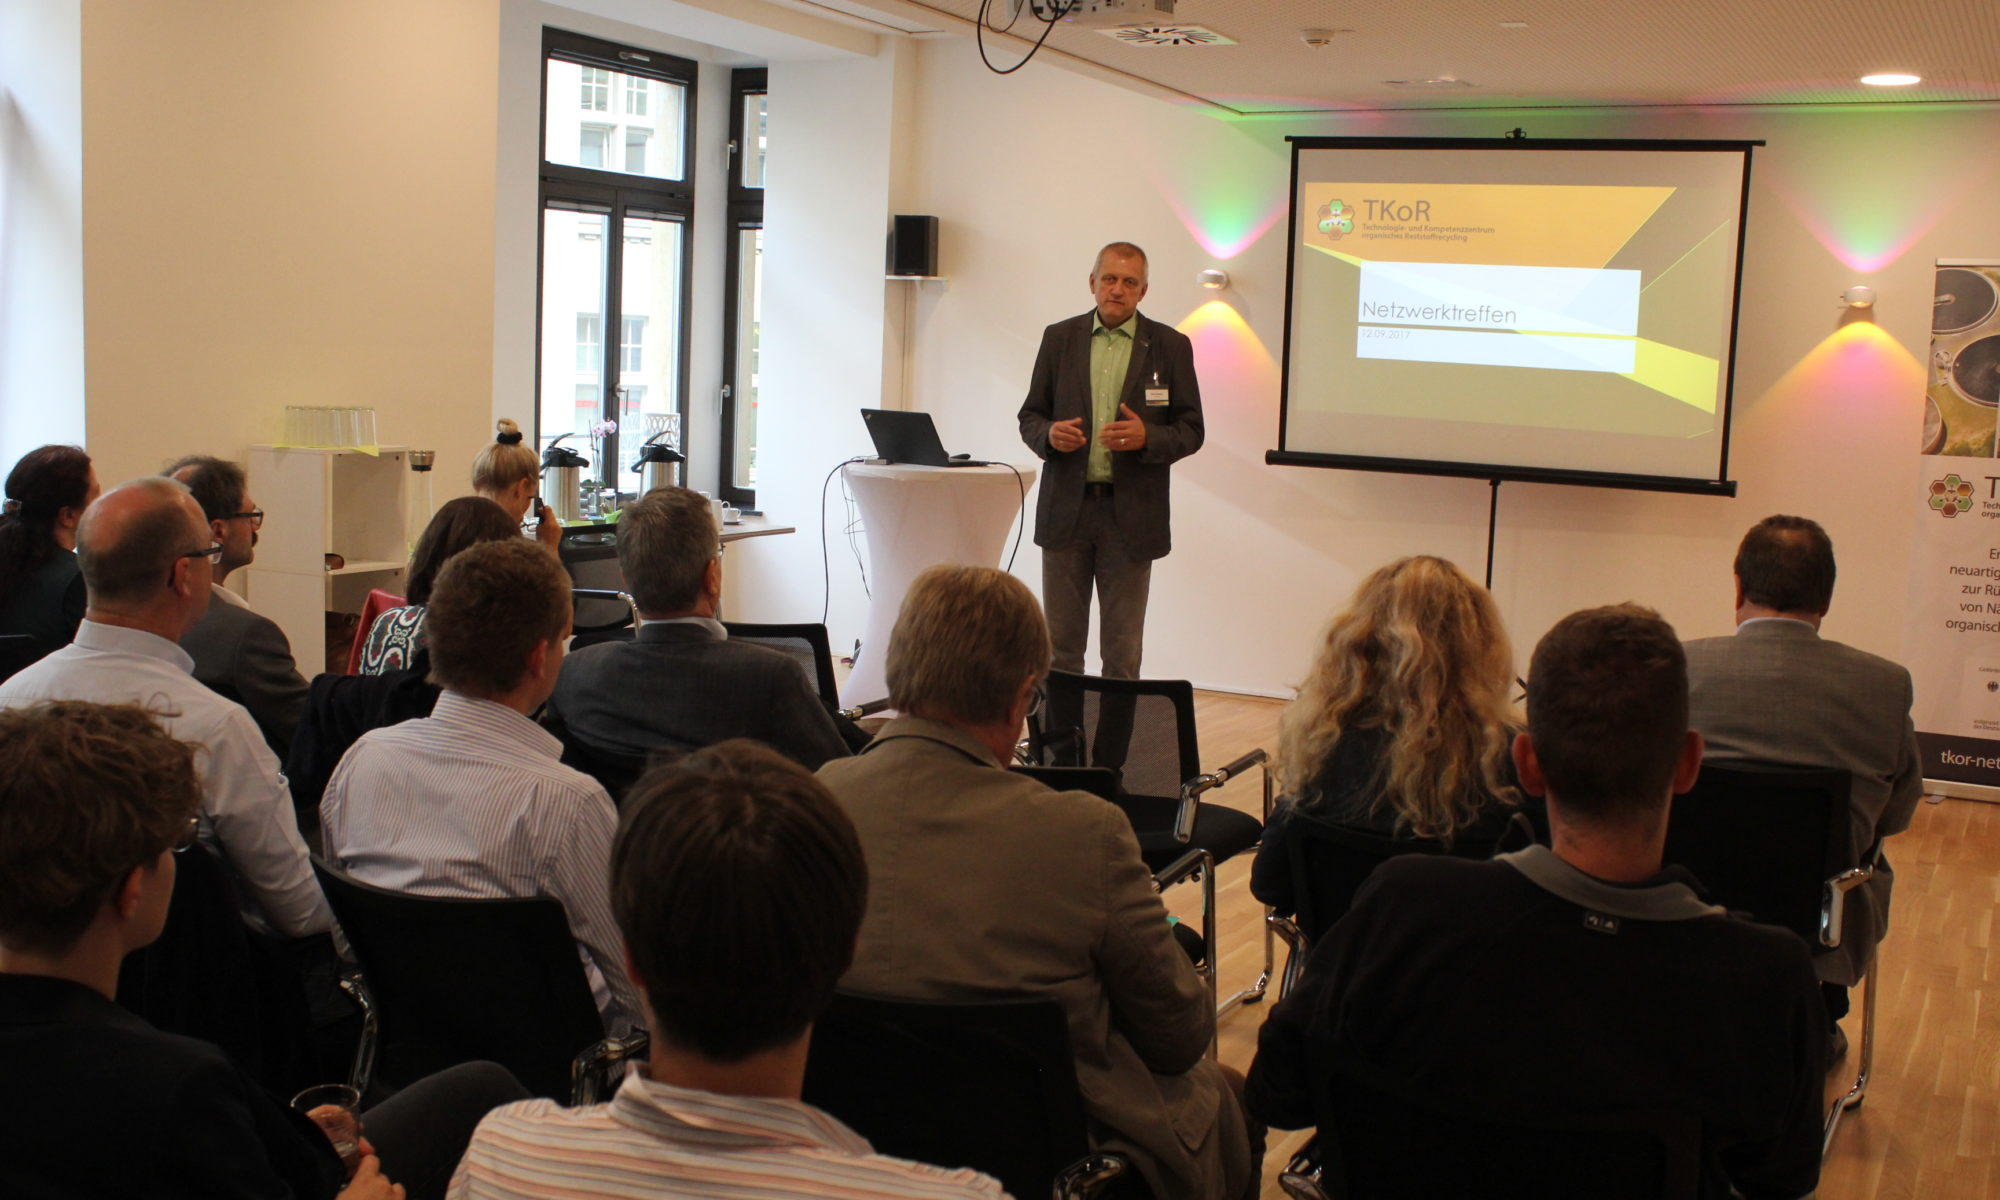 Gerd Neudert, Bevollmächtigter der Geschäftsführung der evermind GmbH, begrüßt die Teilnehmer des Netzwerktreffens.